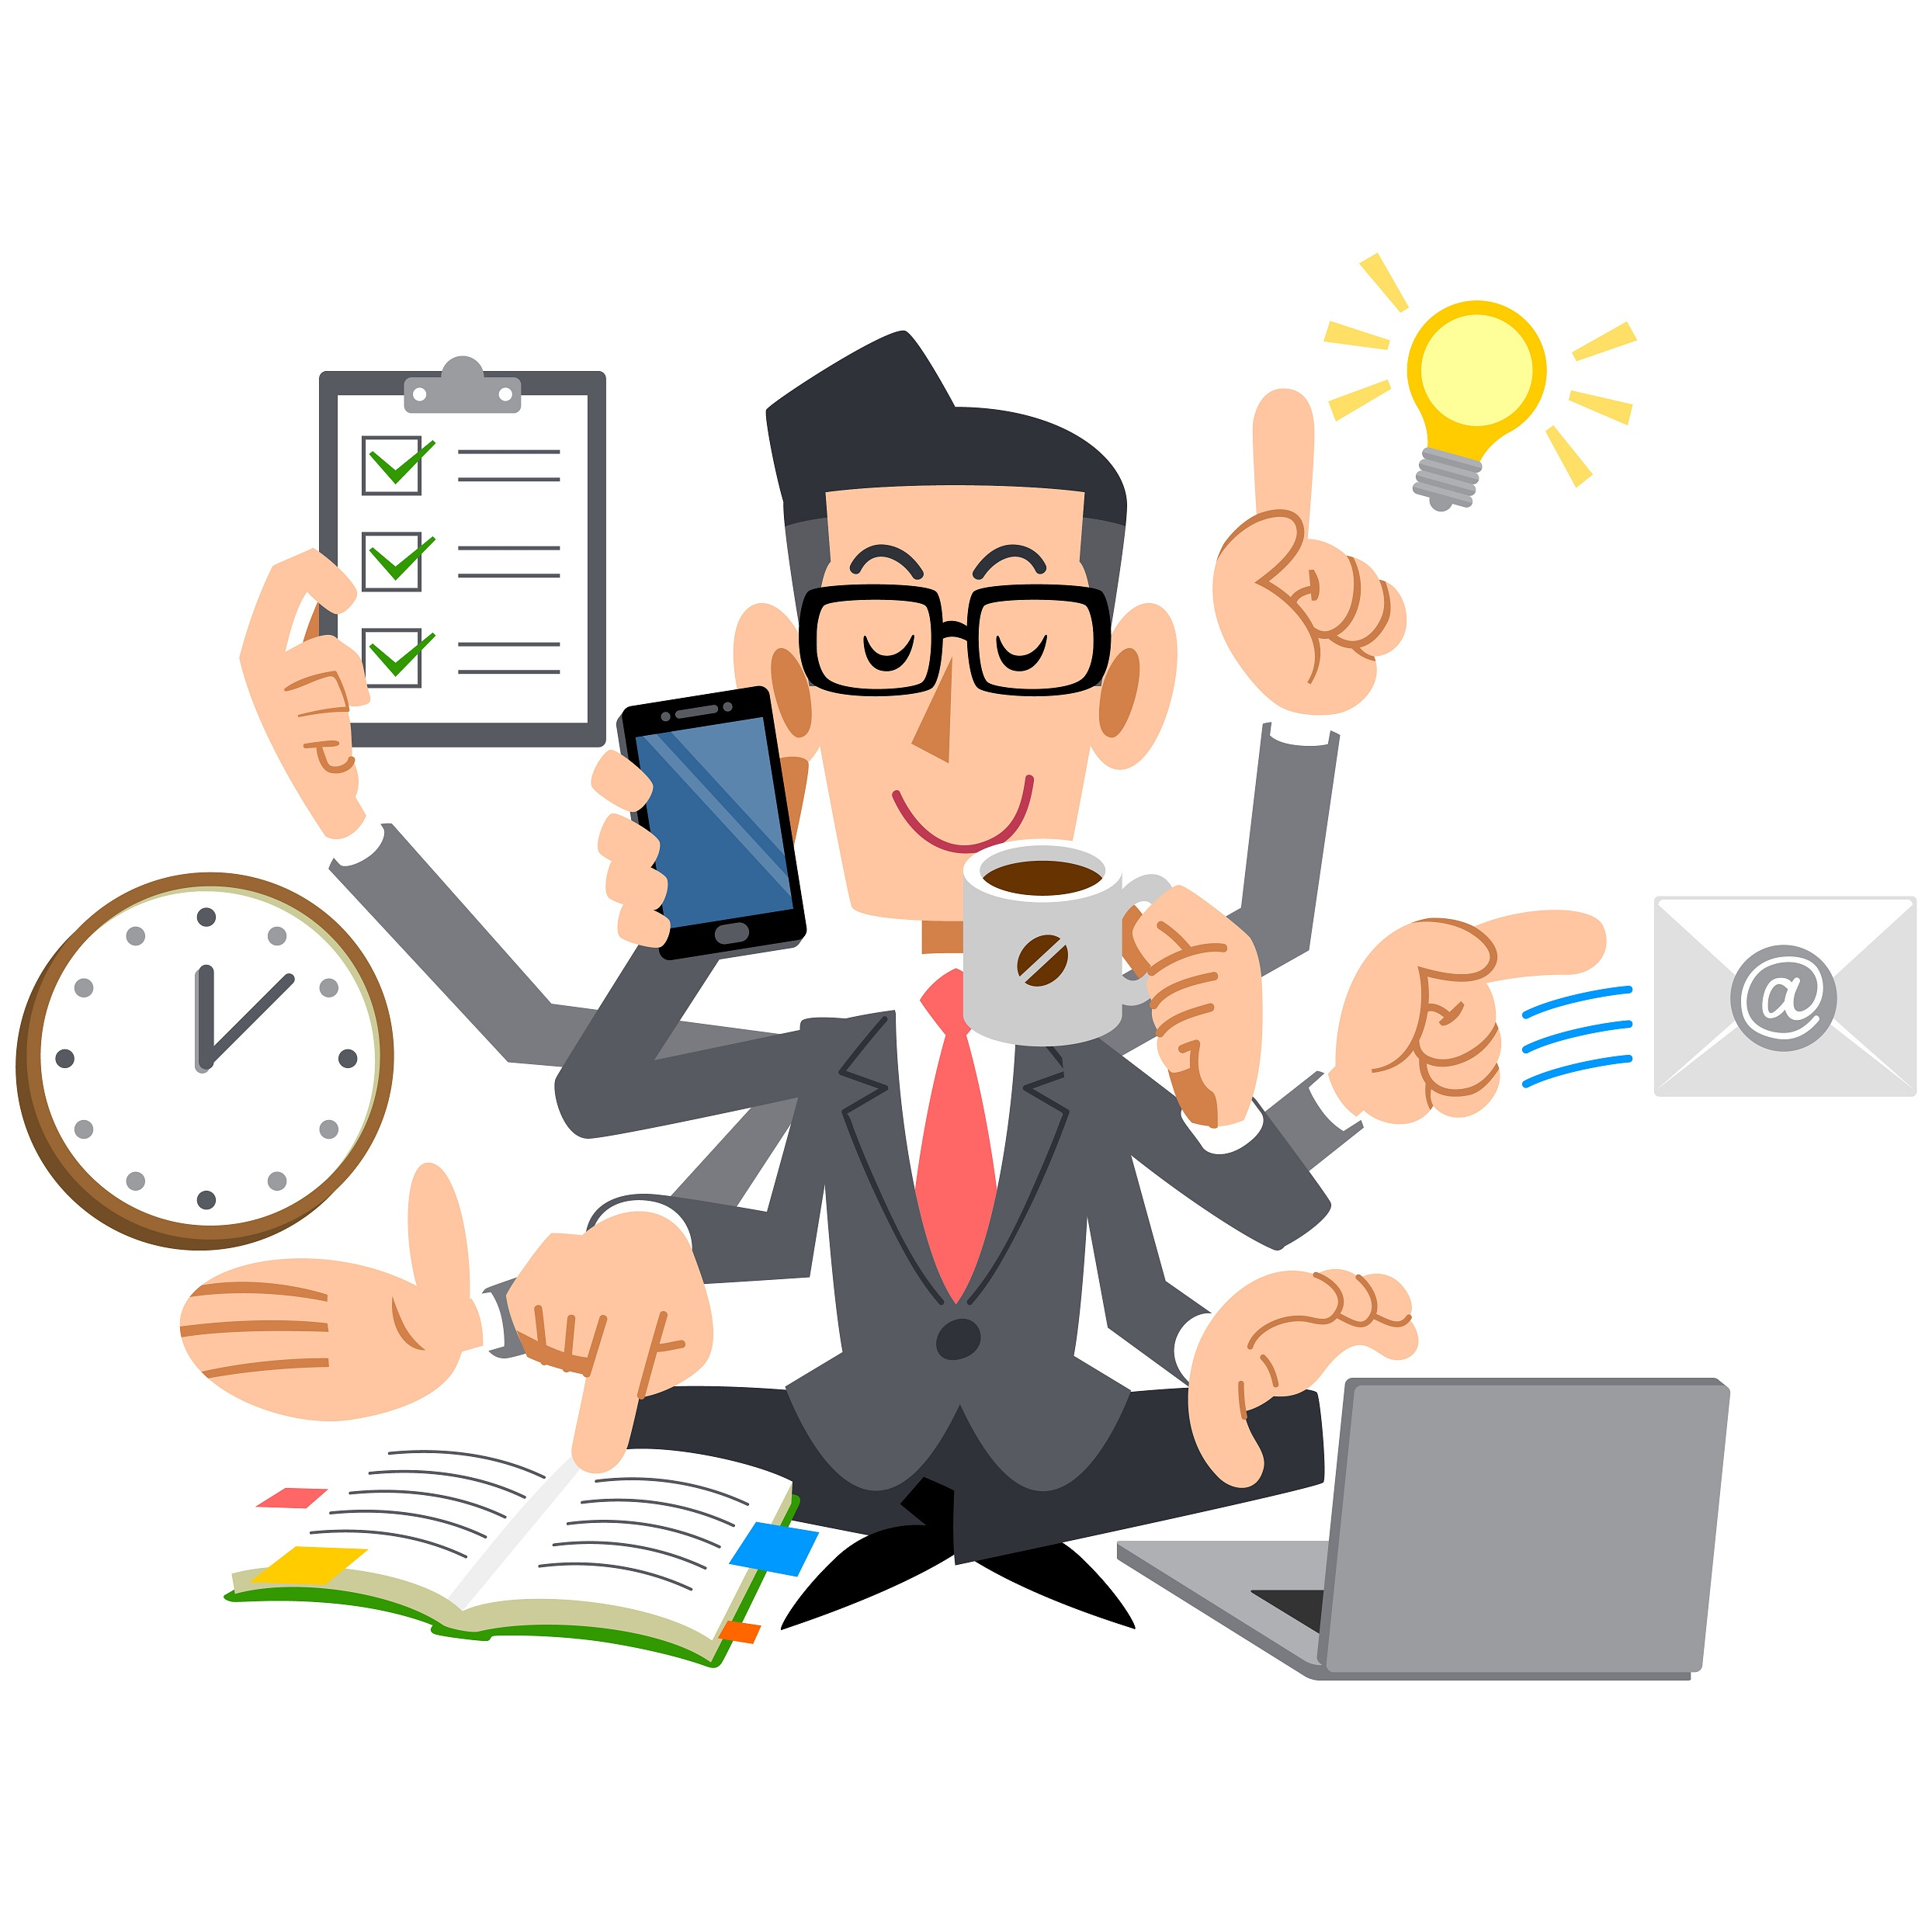 フランクリン・プランナー・ジャパンの時間管理  ⑨役割を考え、ライフバランスをとる